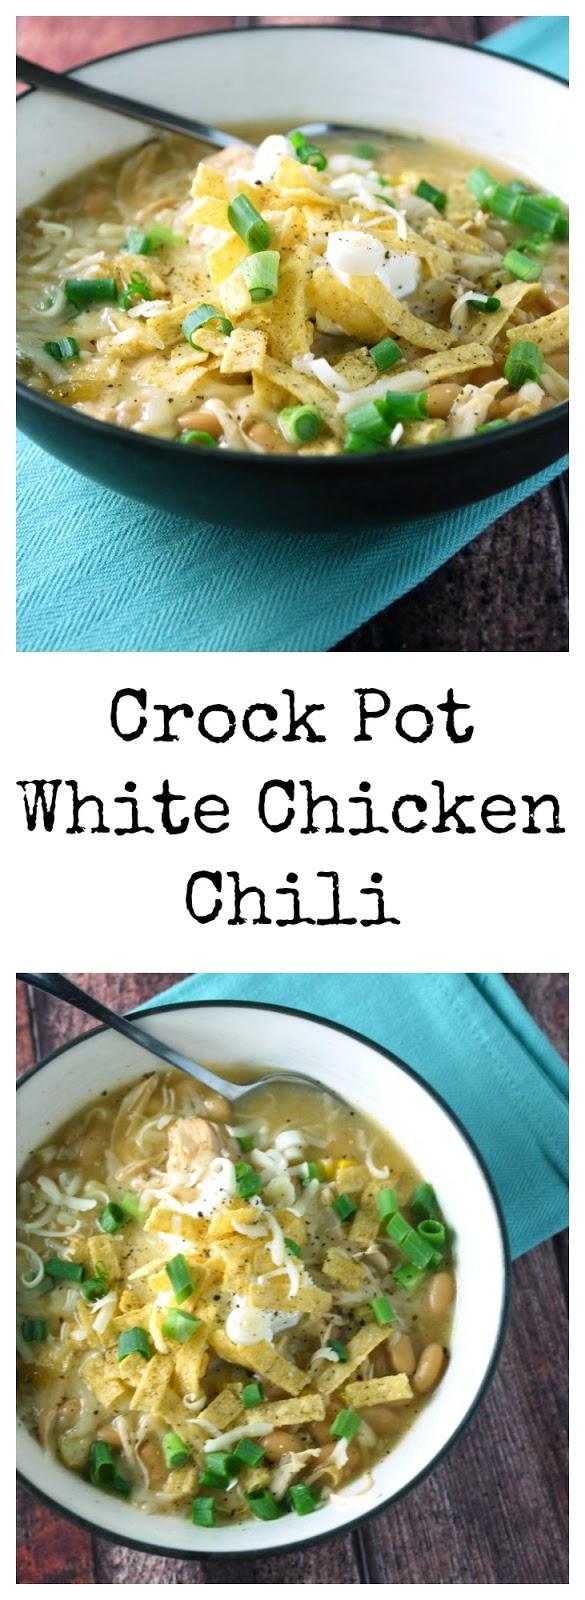 Easy Crock Pot White Chicken Chili